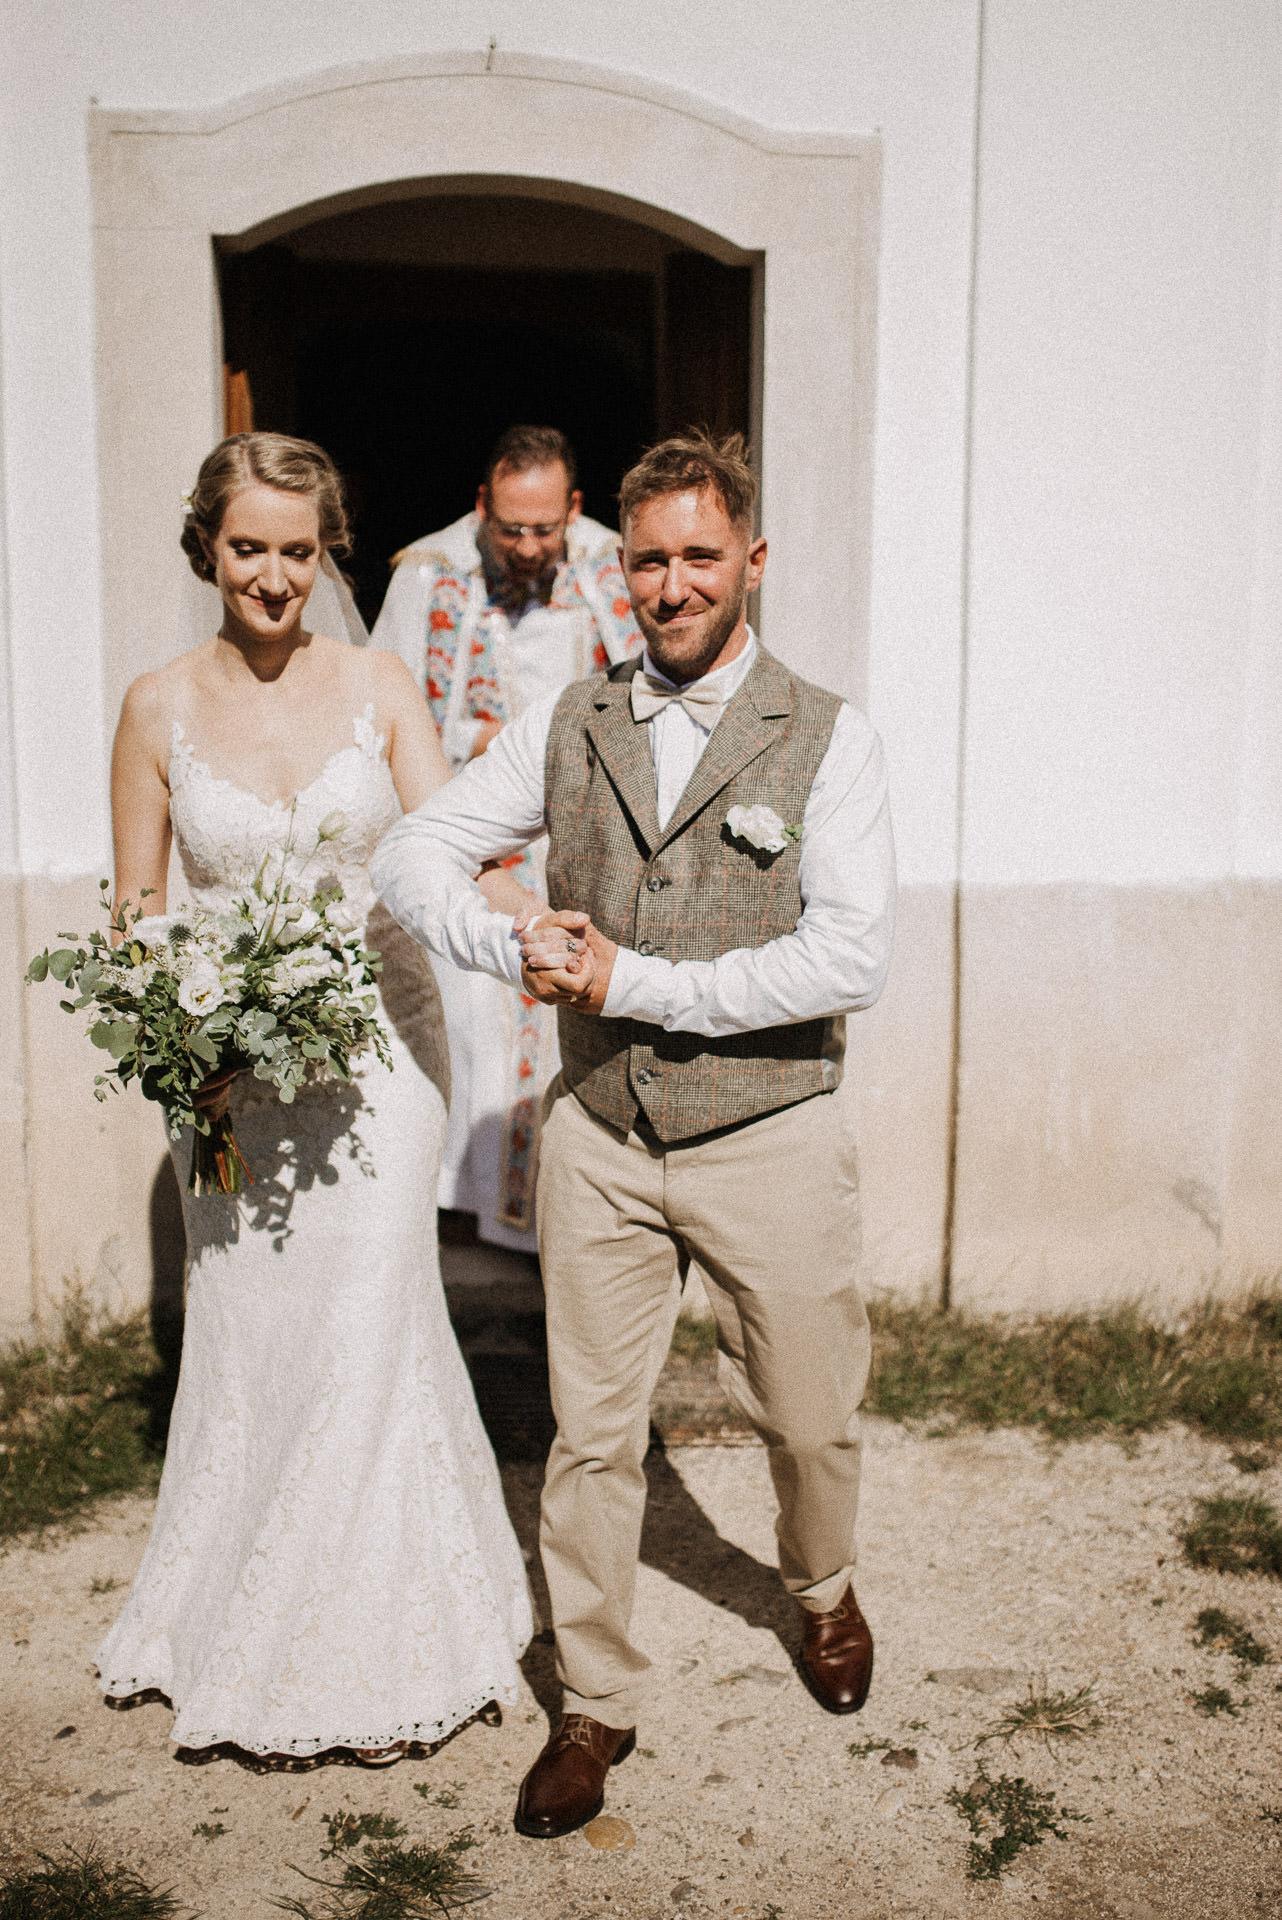 kivonulas menyasszony volegeny szertartas ceremony bride groom